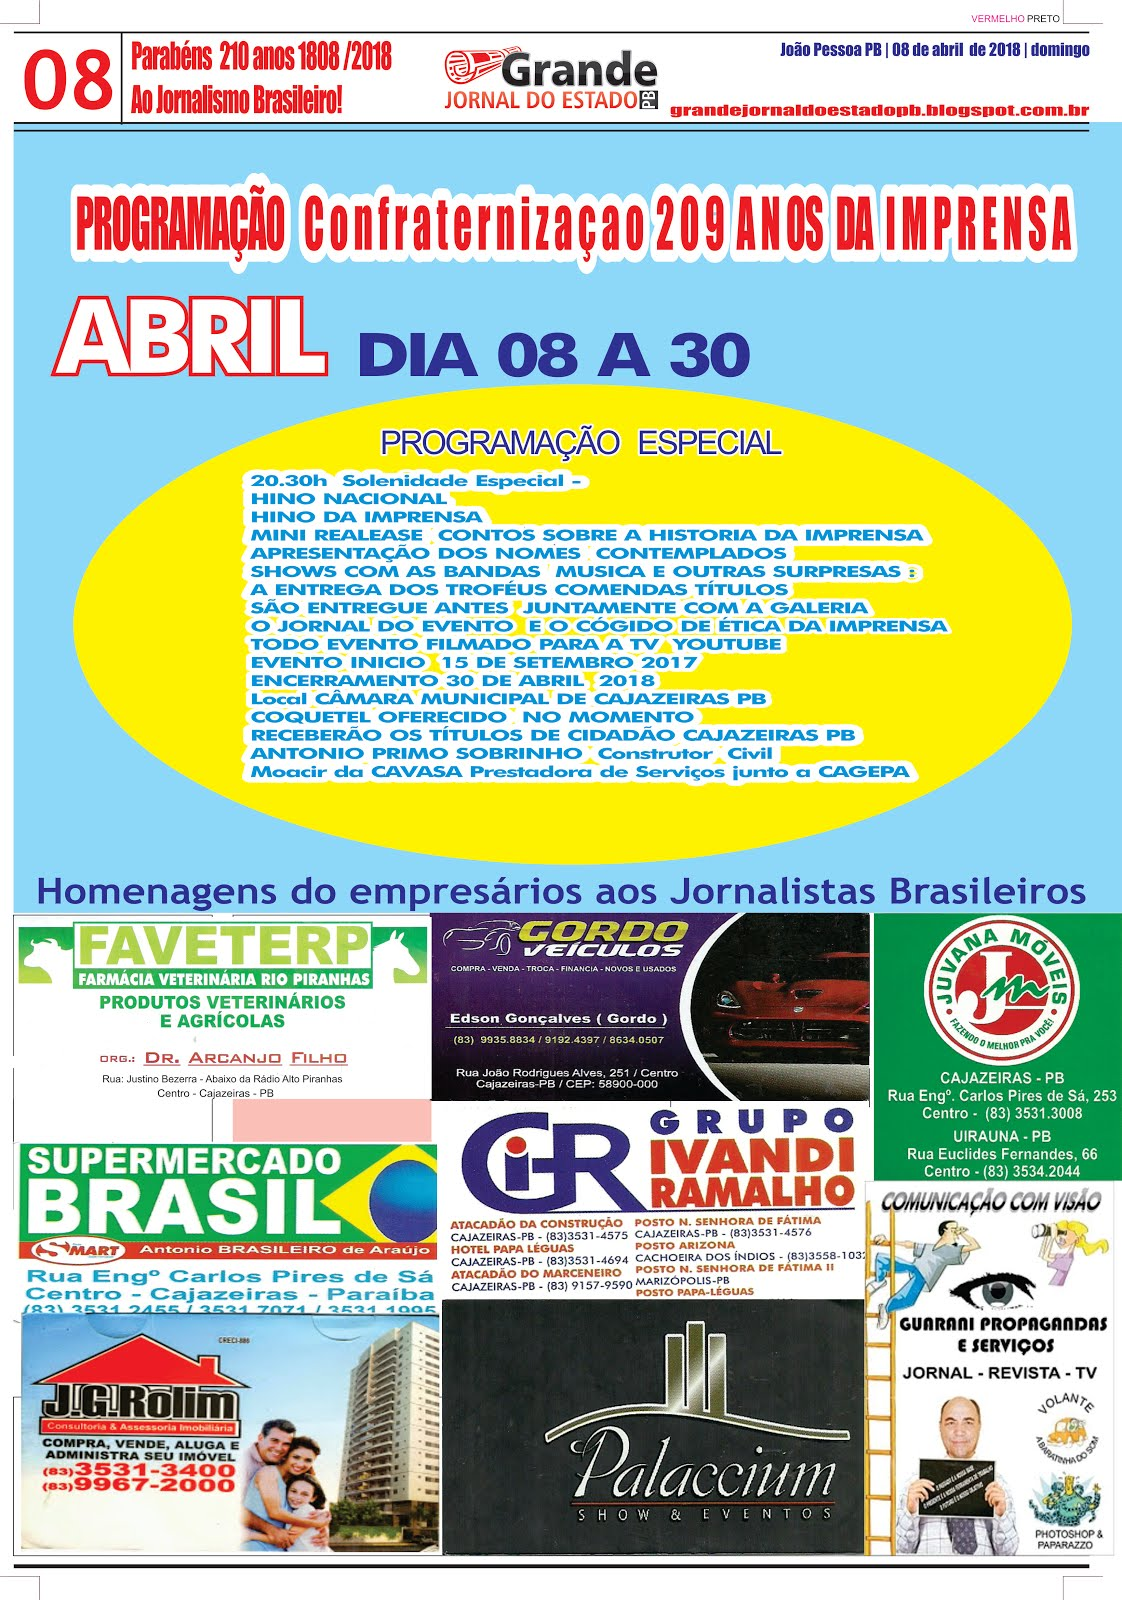 CONVITE E MODALIDADE DO EVENTO CONFRATERNIZAÇÃO DOS 209 ANOS DA IMPRENSA  ESCRITA DO BRASIL